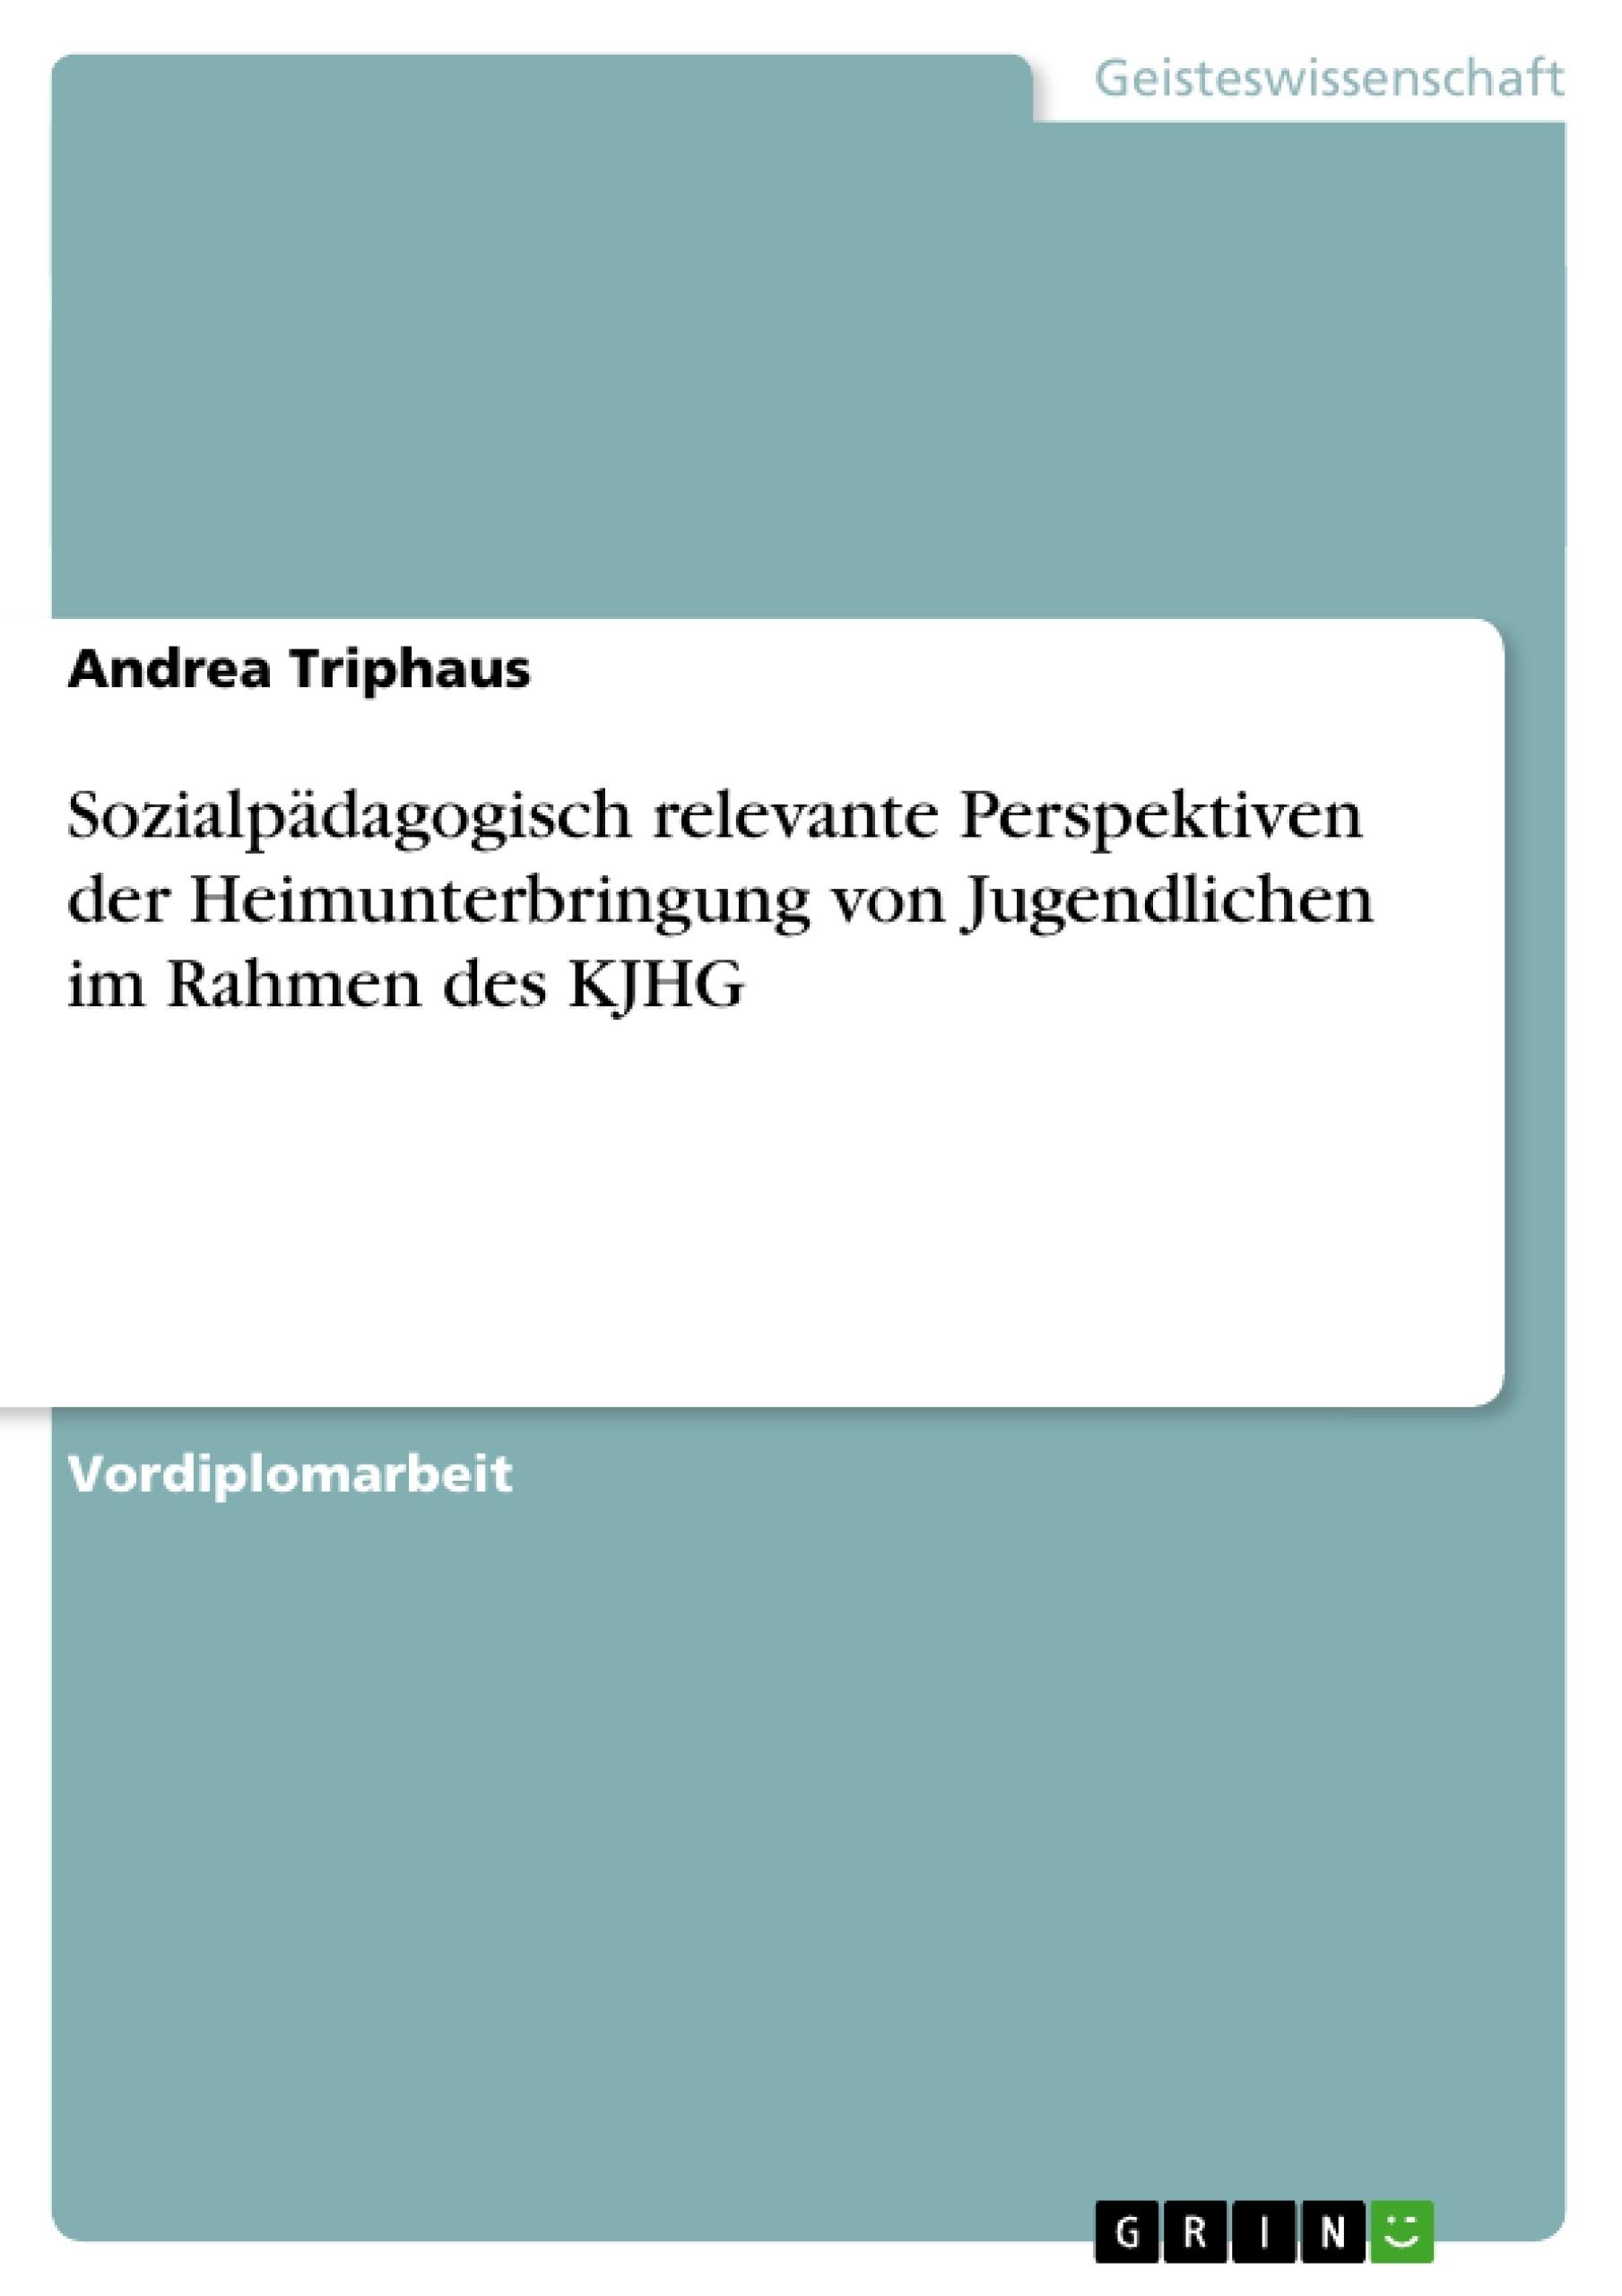 Titel: Sozialpädagogisch relevante Perspektiven der Heimunterbringung von Jugendlichen im Rahmen des KJHG